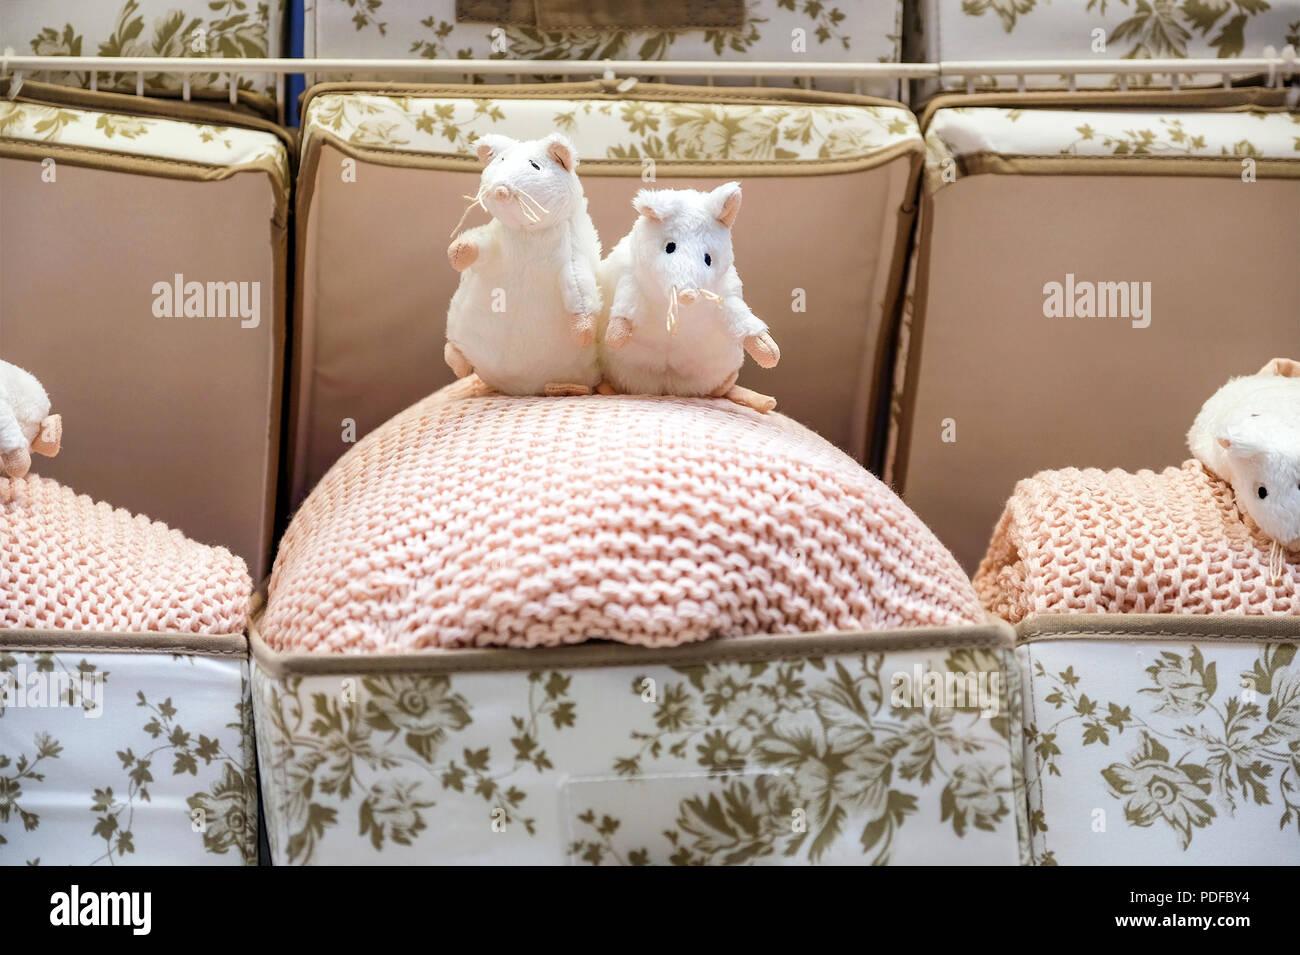 Süße Maus Spielzeug Mit Tasse Tee Sitzen Auf Einem Sofa